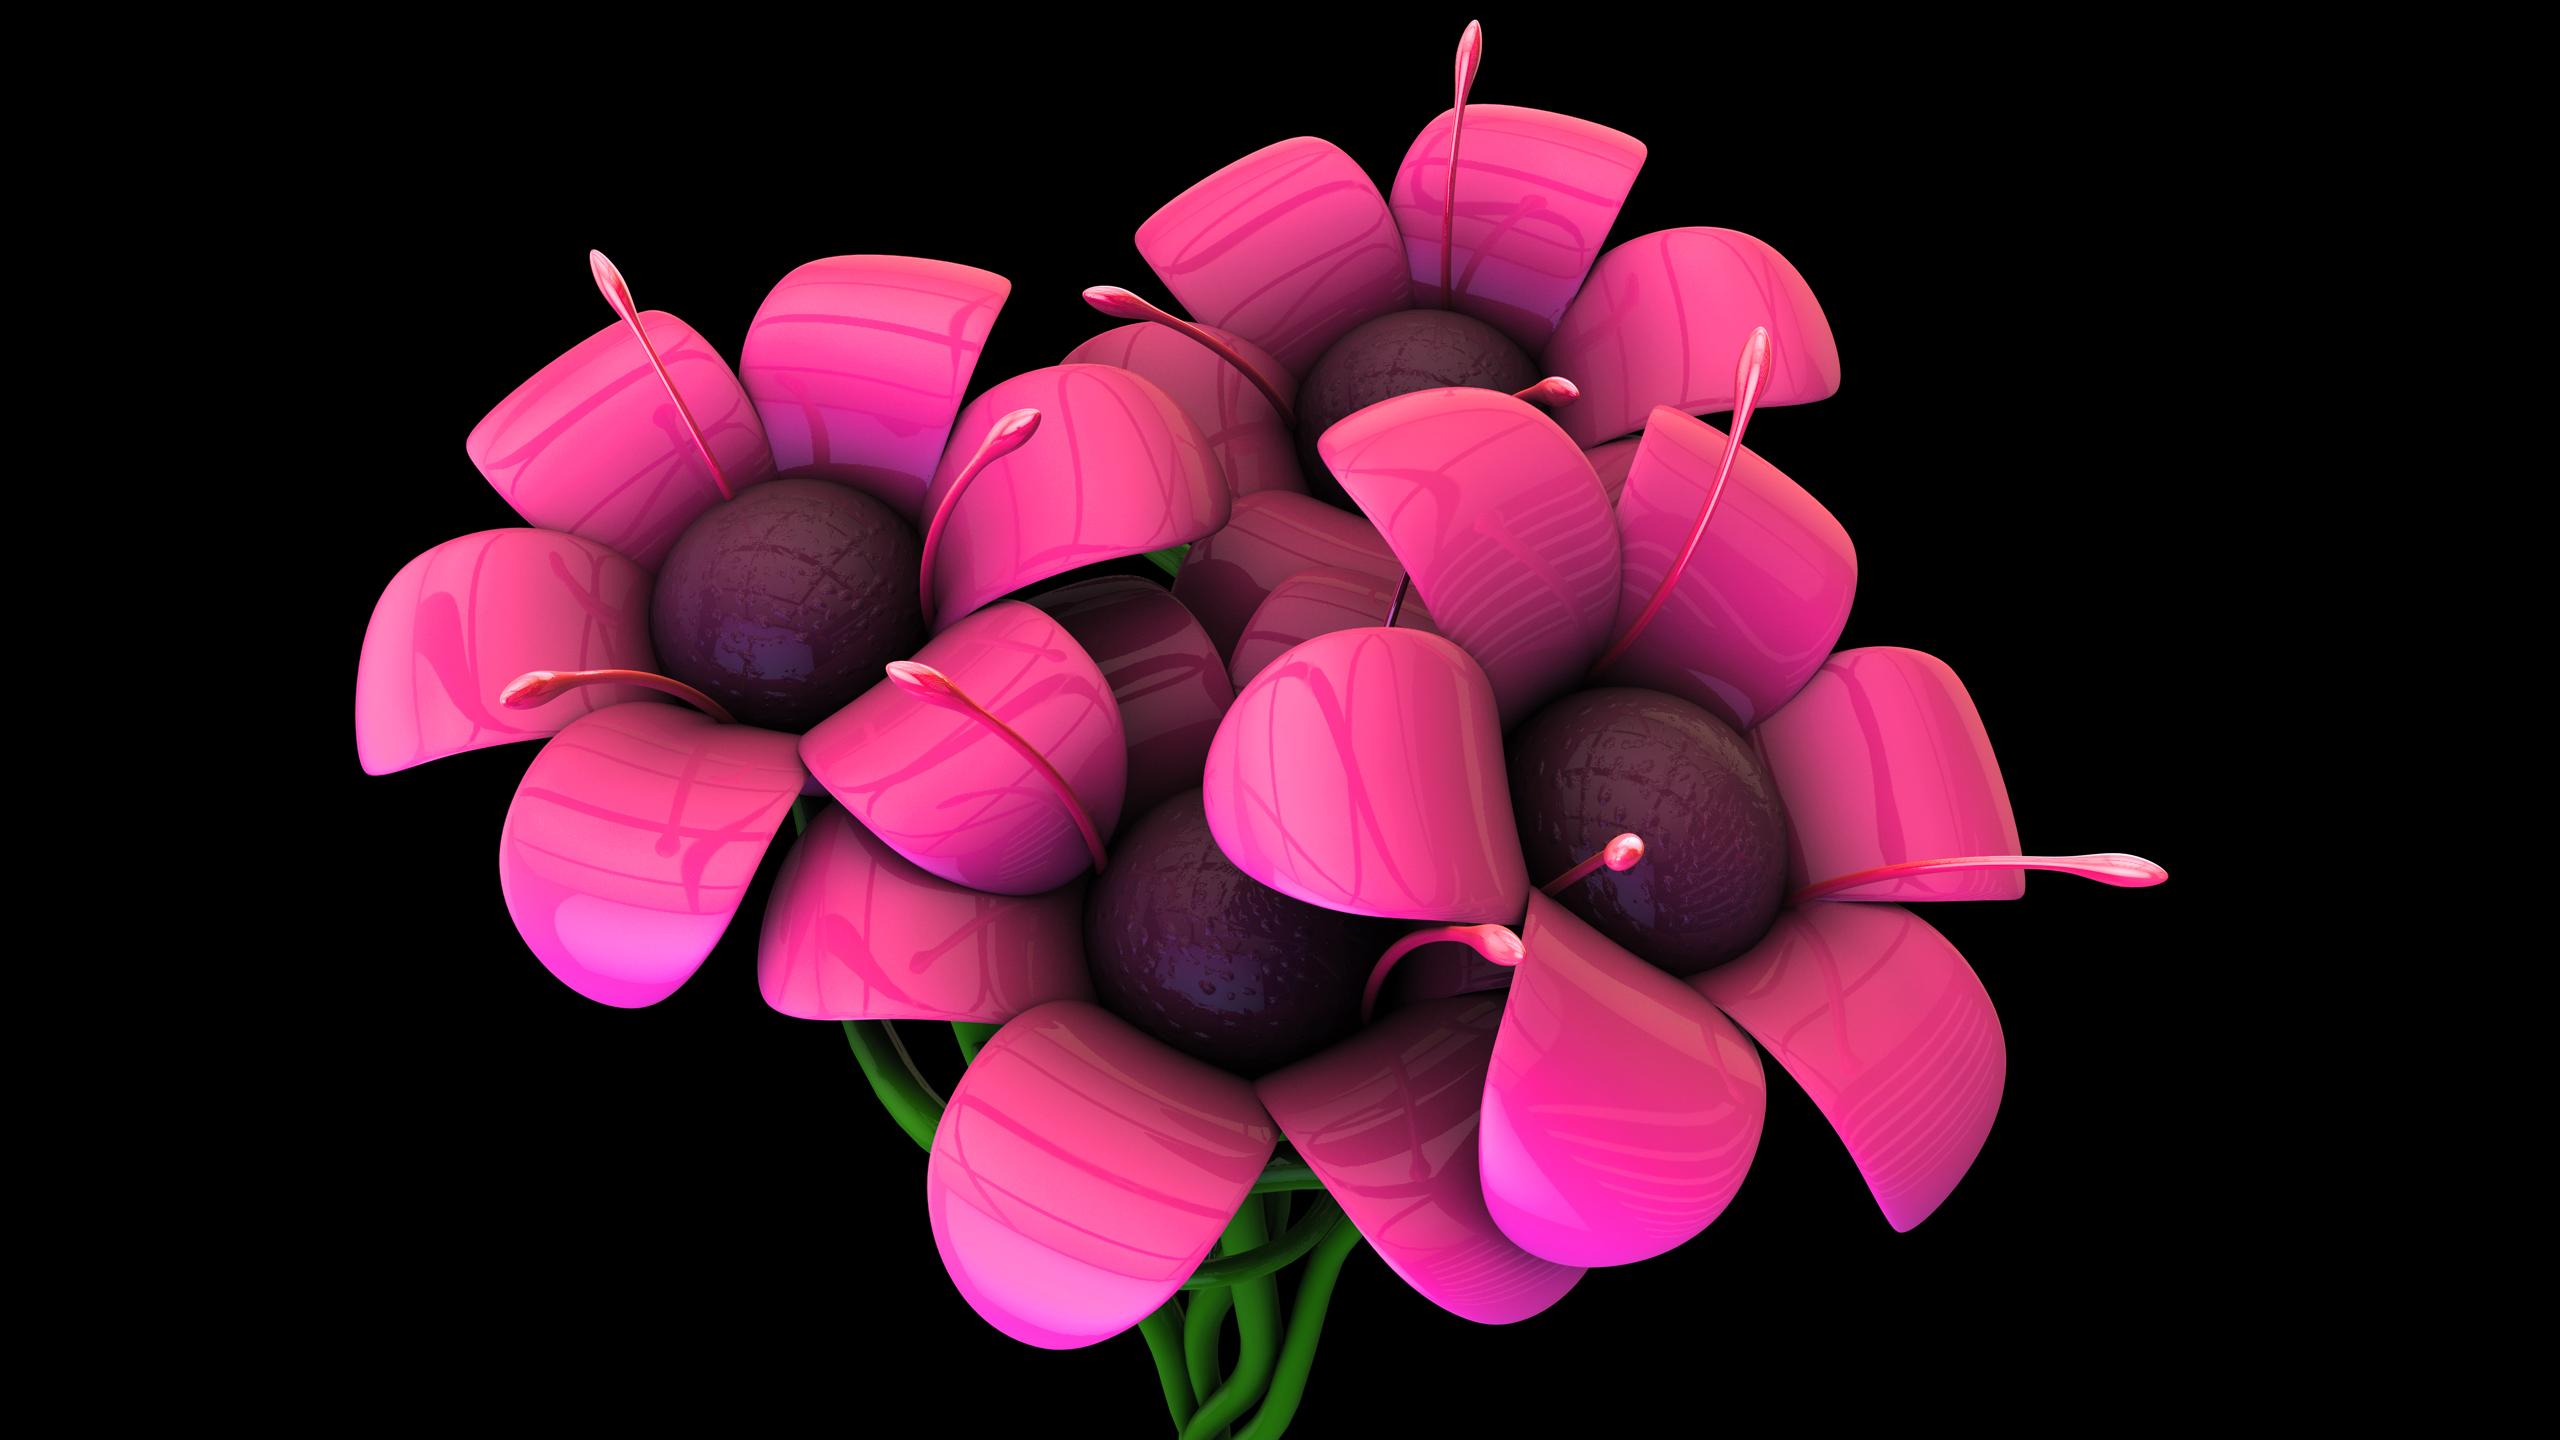 Image De Synthèse - Cool  - Plante - Fleur Fond d'écran